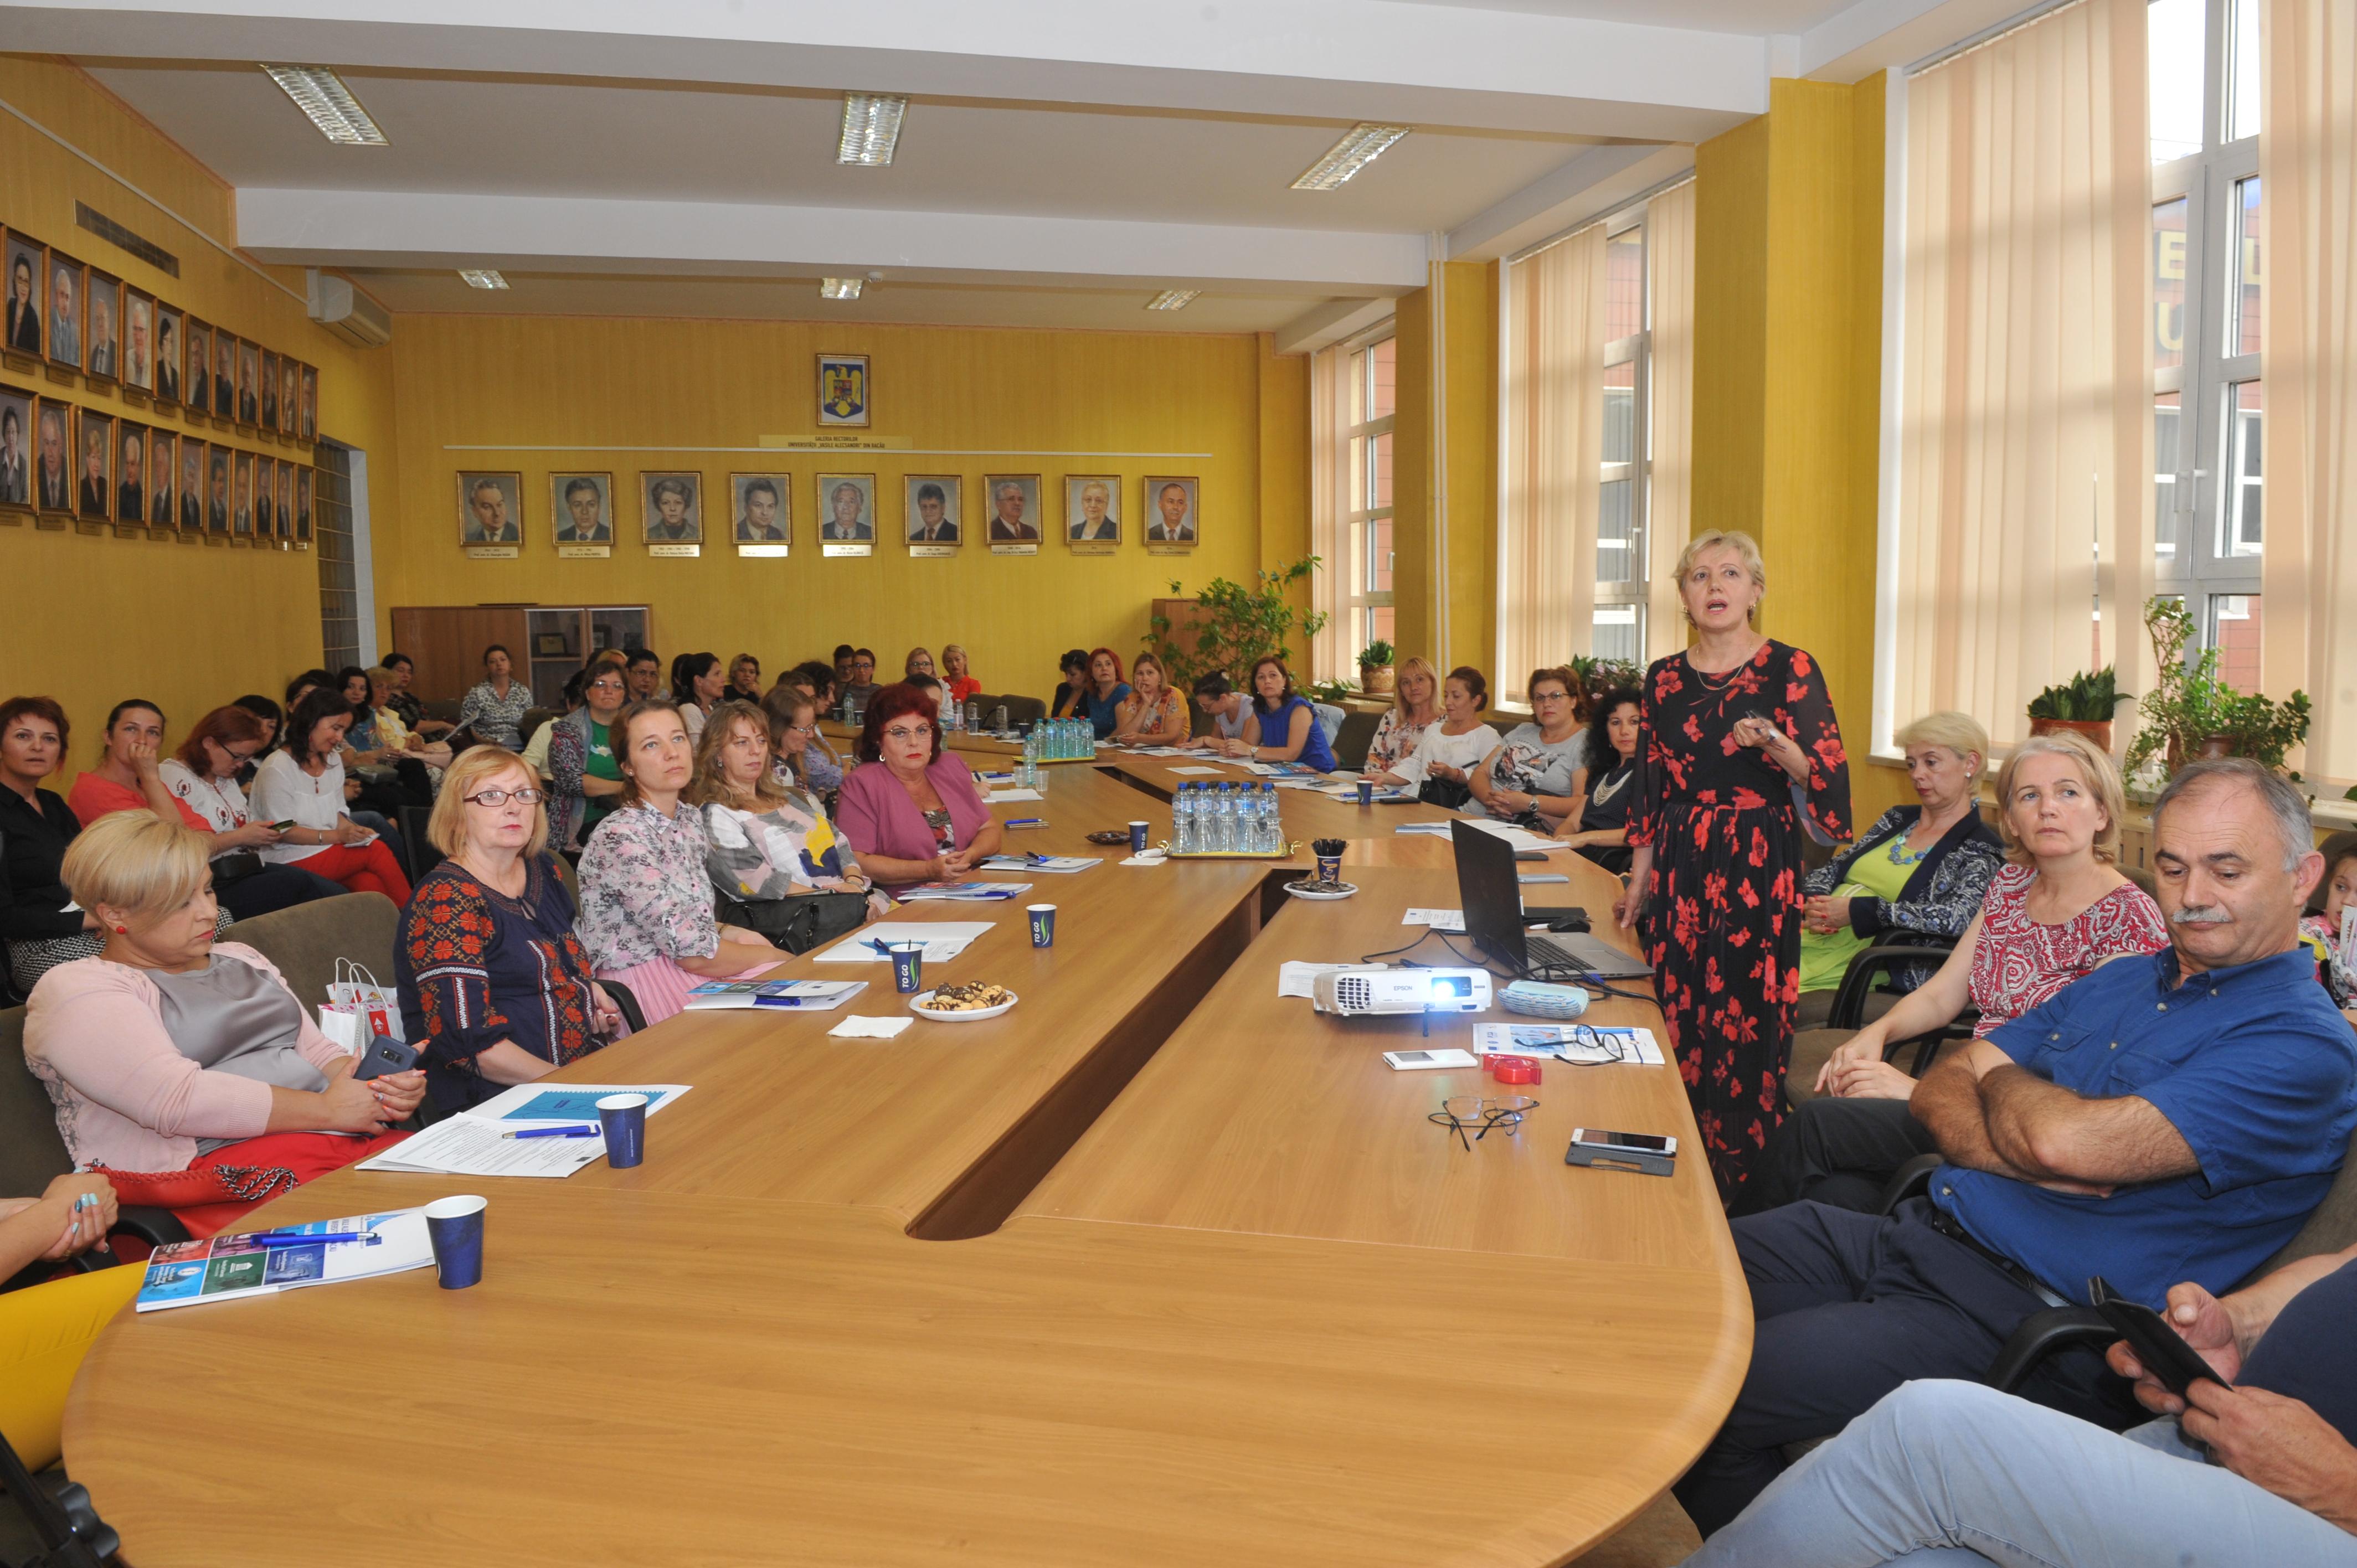 Întâlnire finală în cadrul proiectului Erasmus Building Institutional Confidence in Work/Life Learning Experience